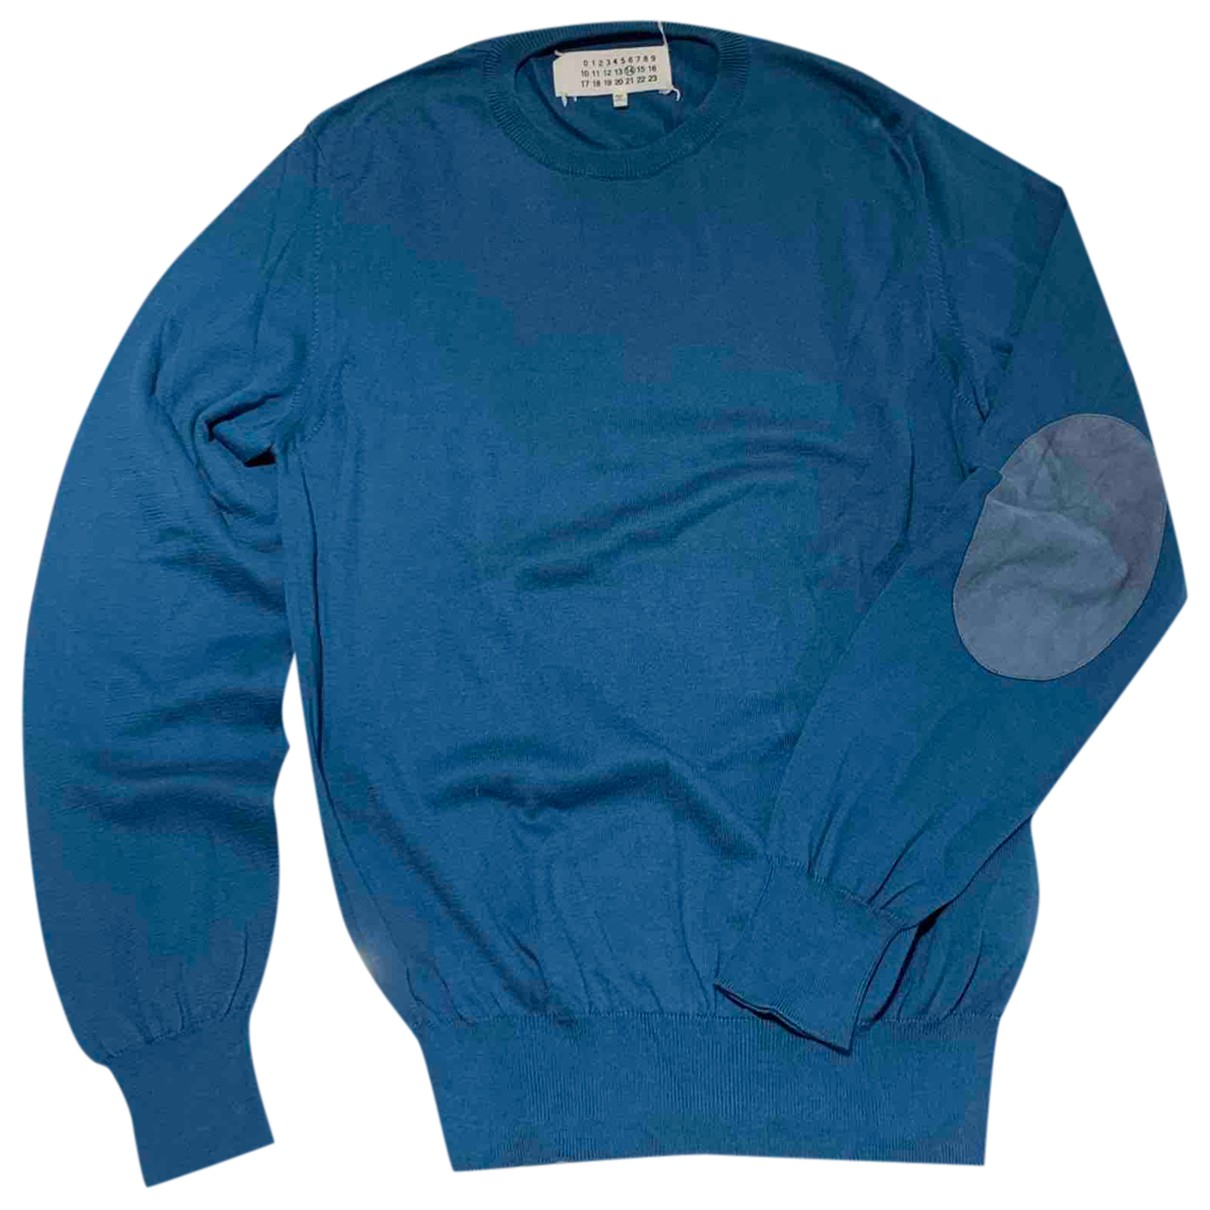 Maison Martin Margiela \N Pullover.Westen.Sweatshirts  in  Blau Baumwolle